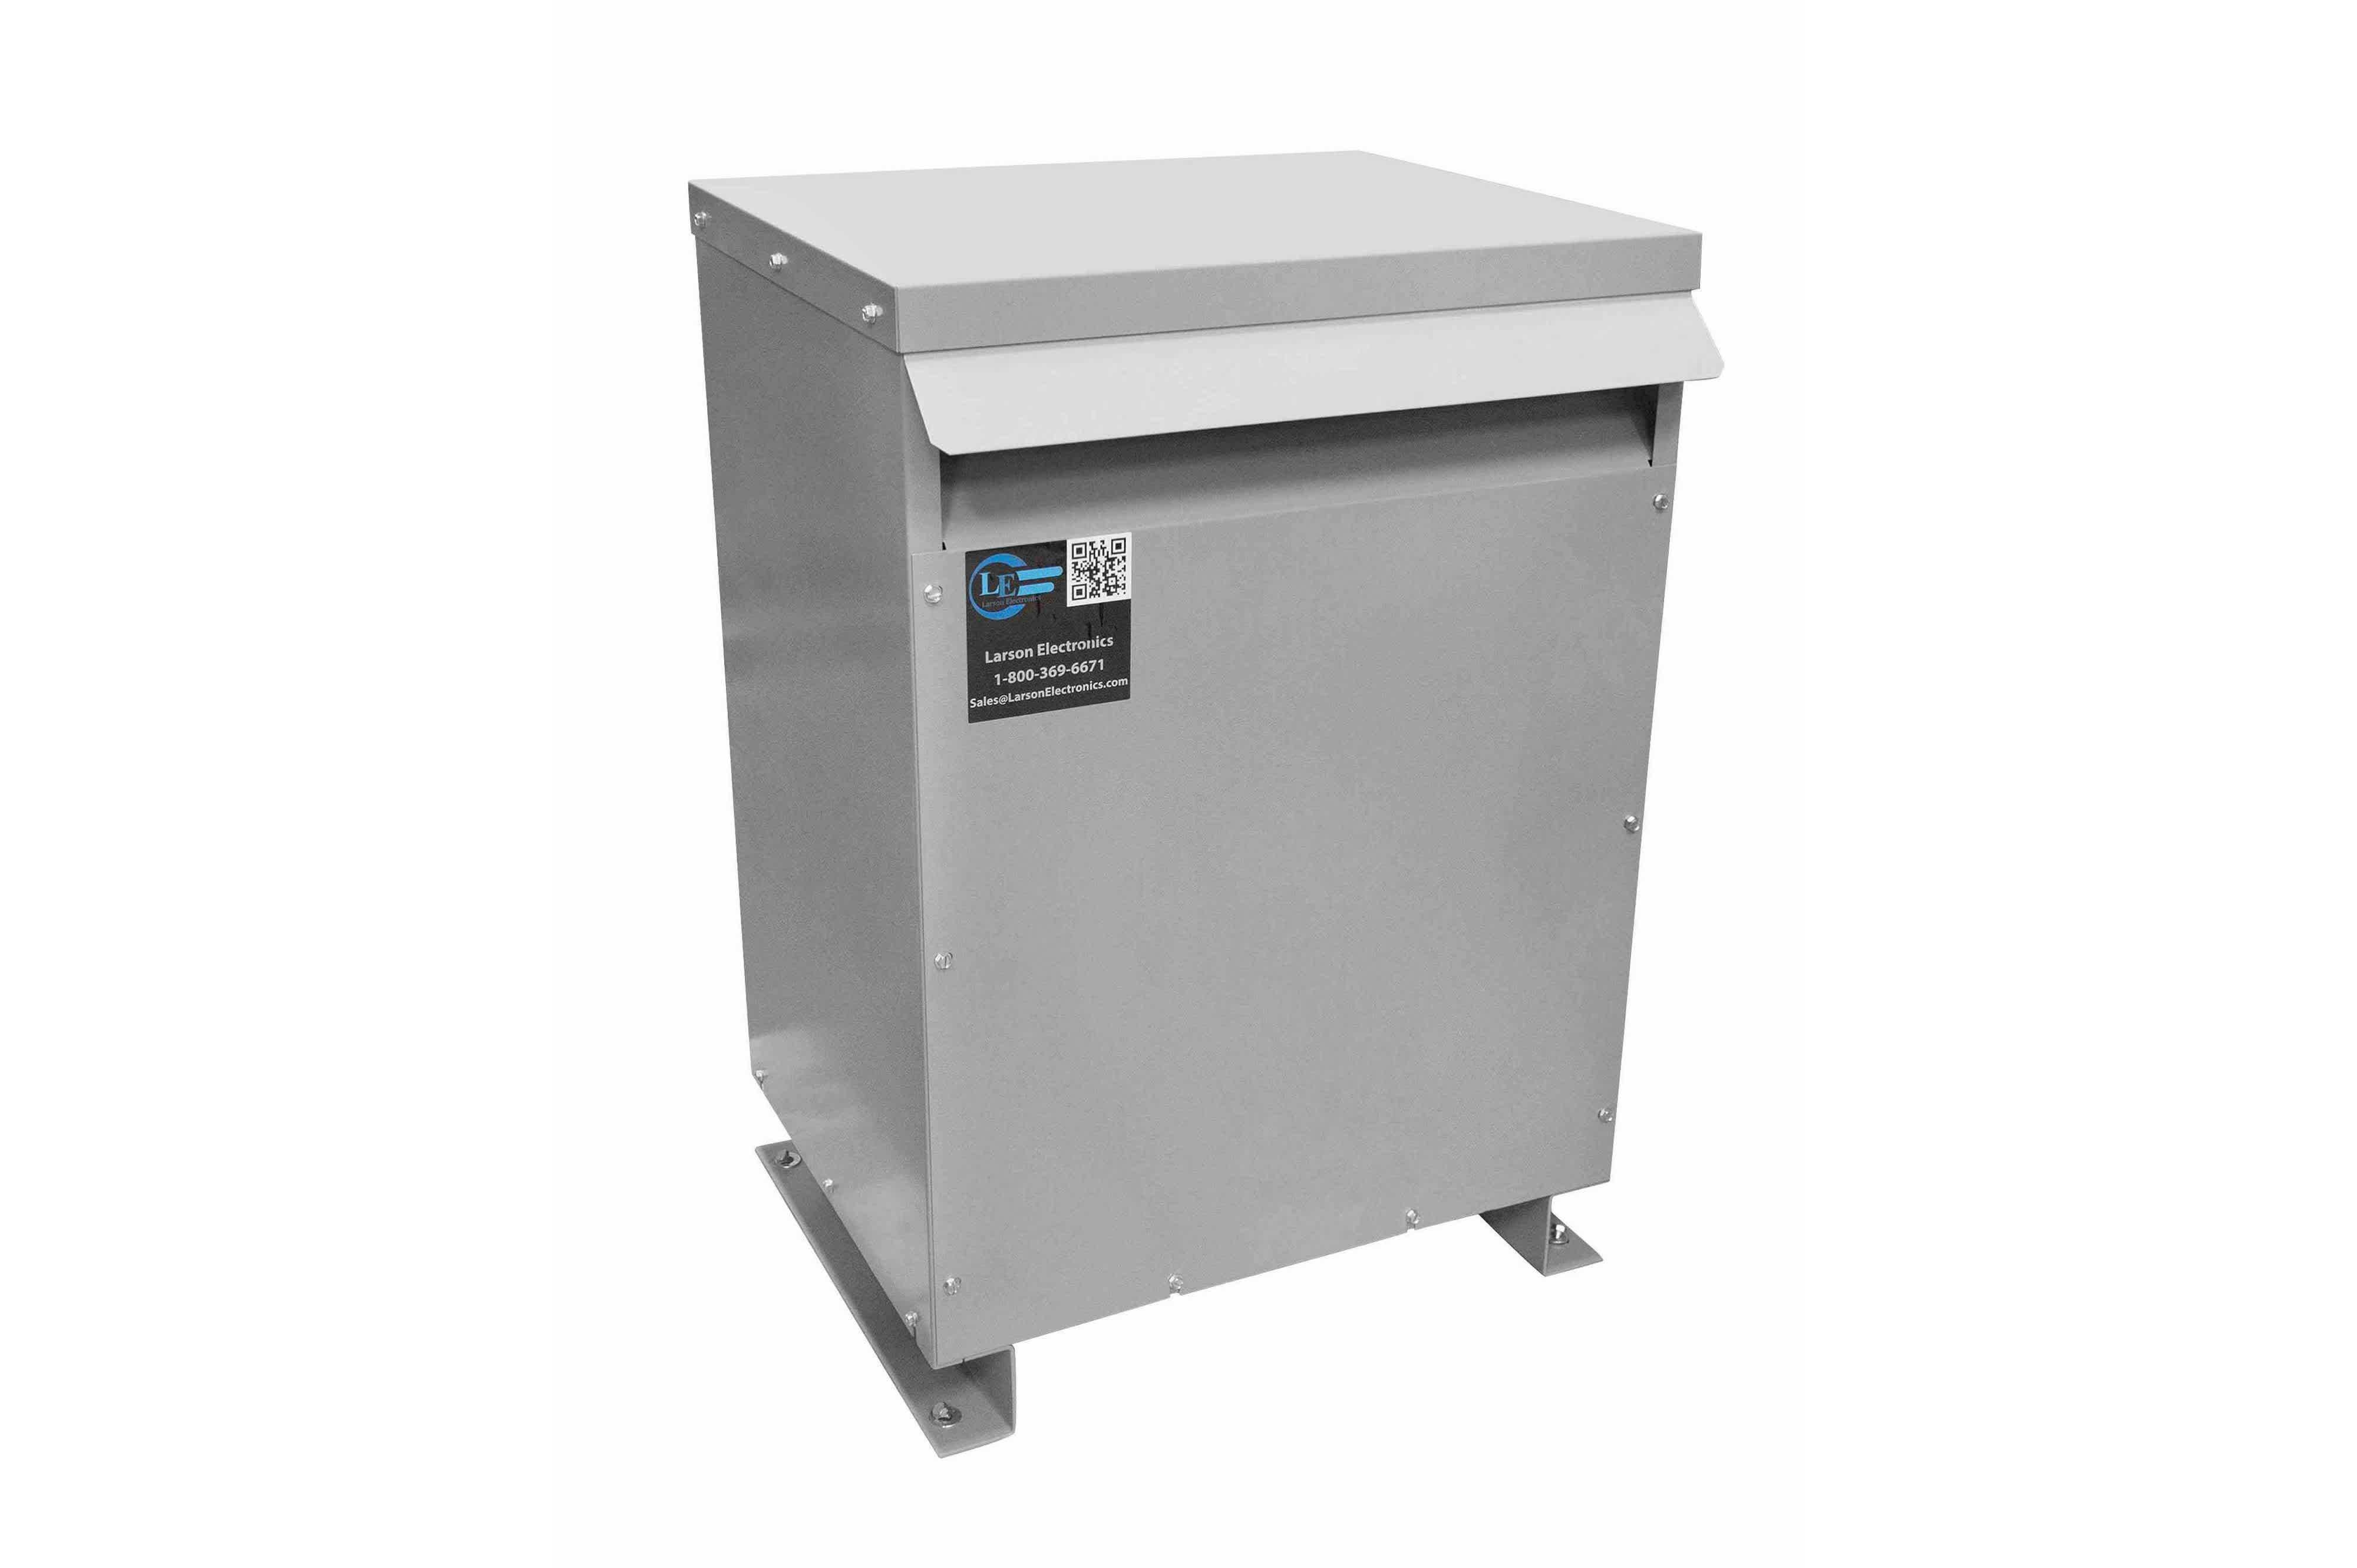 175 kVA 3PH Isolation Transformer, 575V Delta Primary, 415V Delta Secondary, N3R, Ventilated, 60 Hz